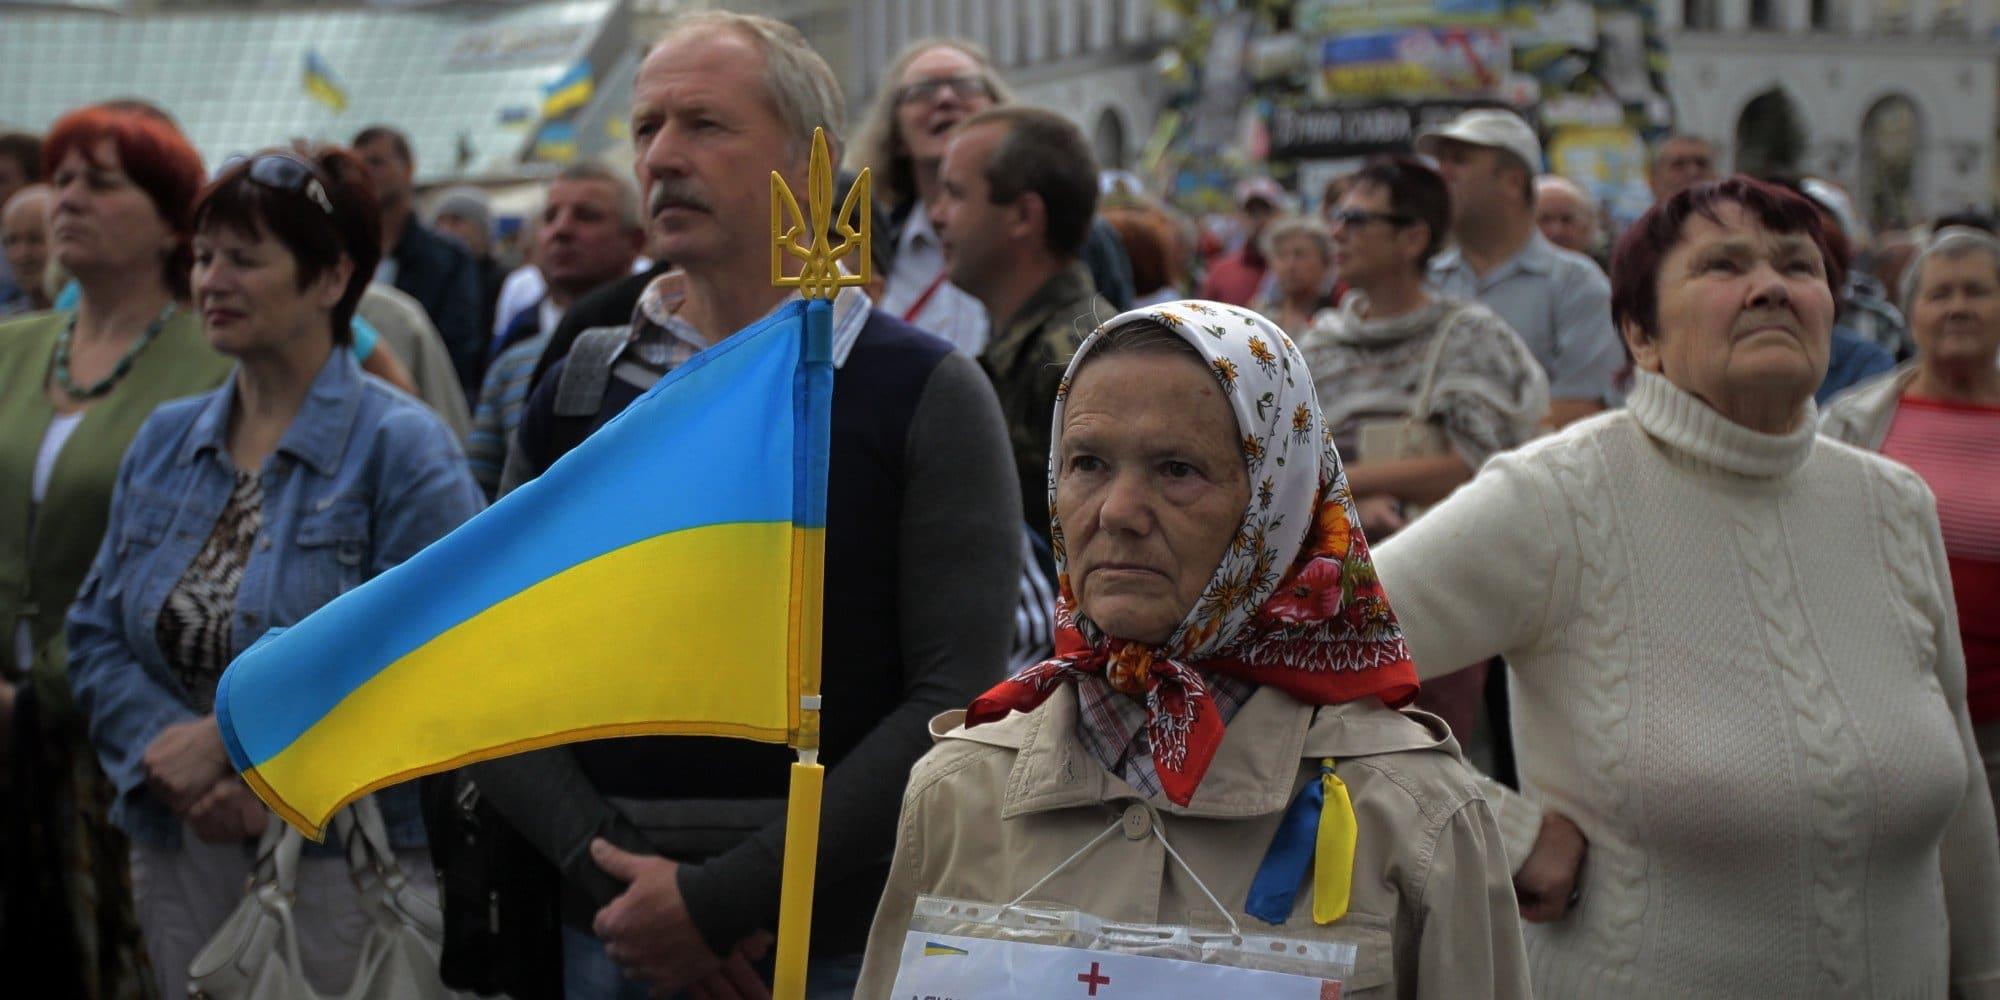 Orosz külügy: Kijev folytatja az erőszakos ukránosítás politikáját